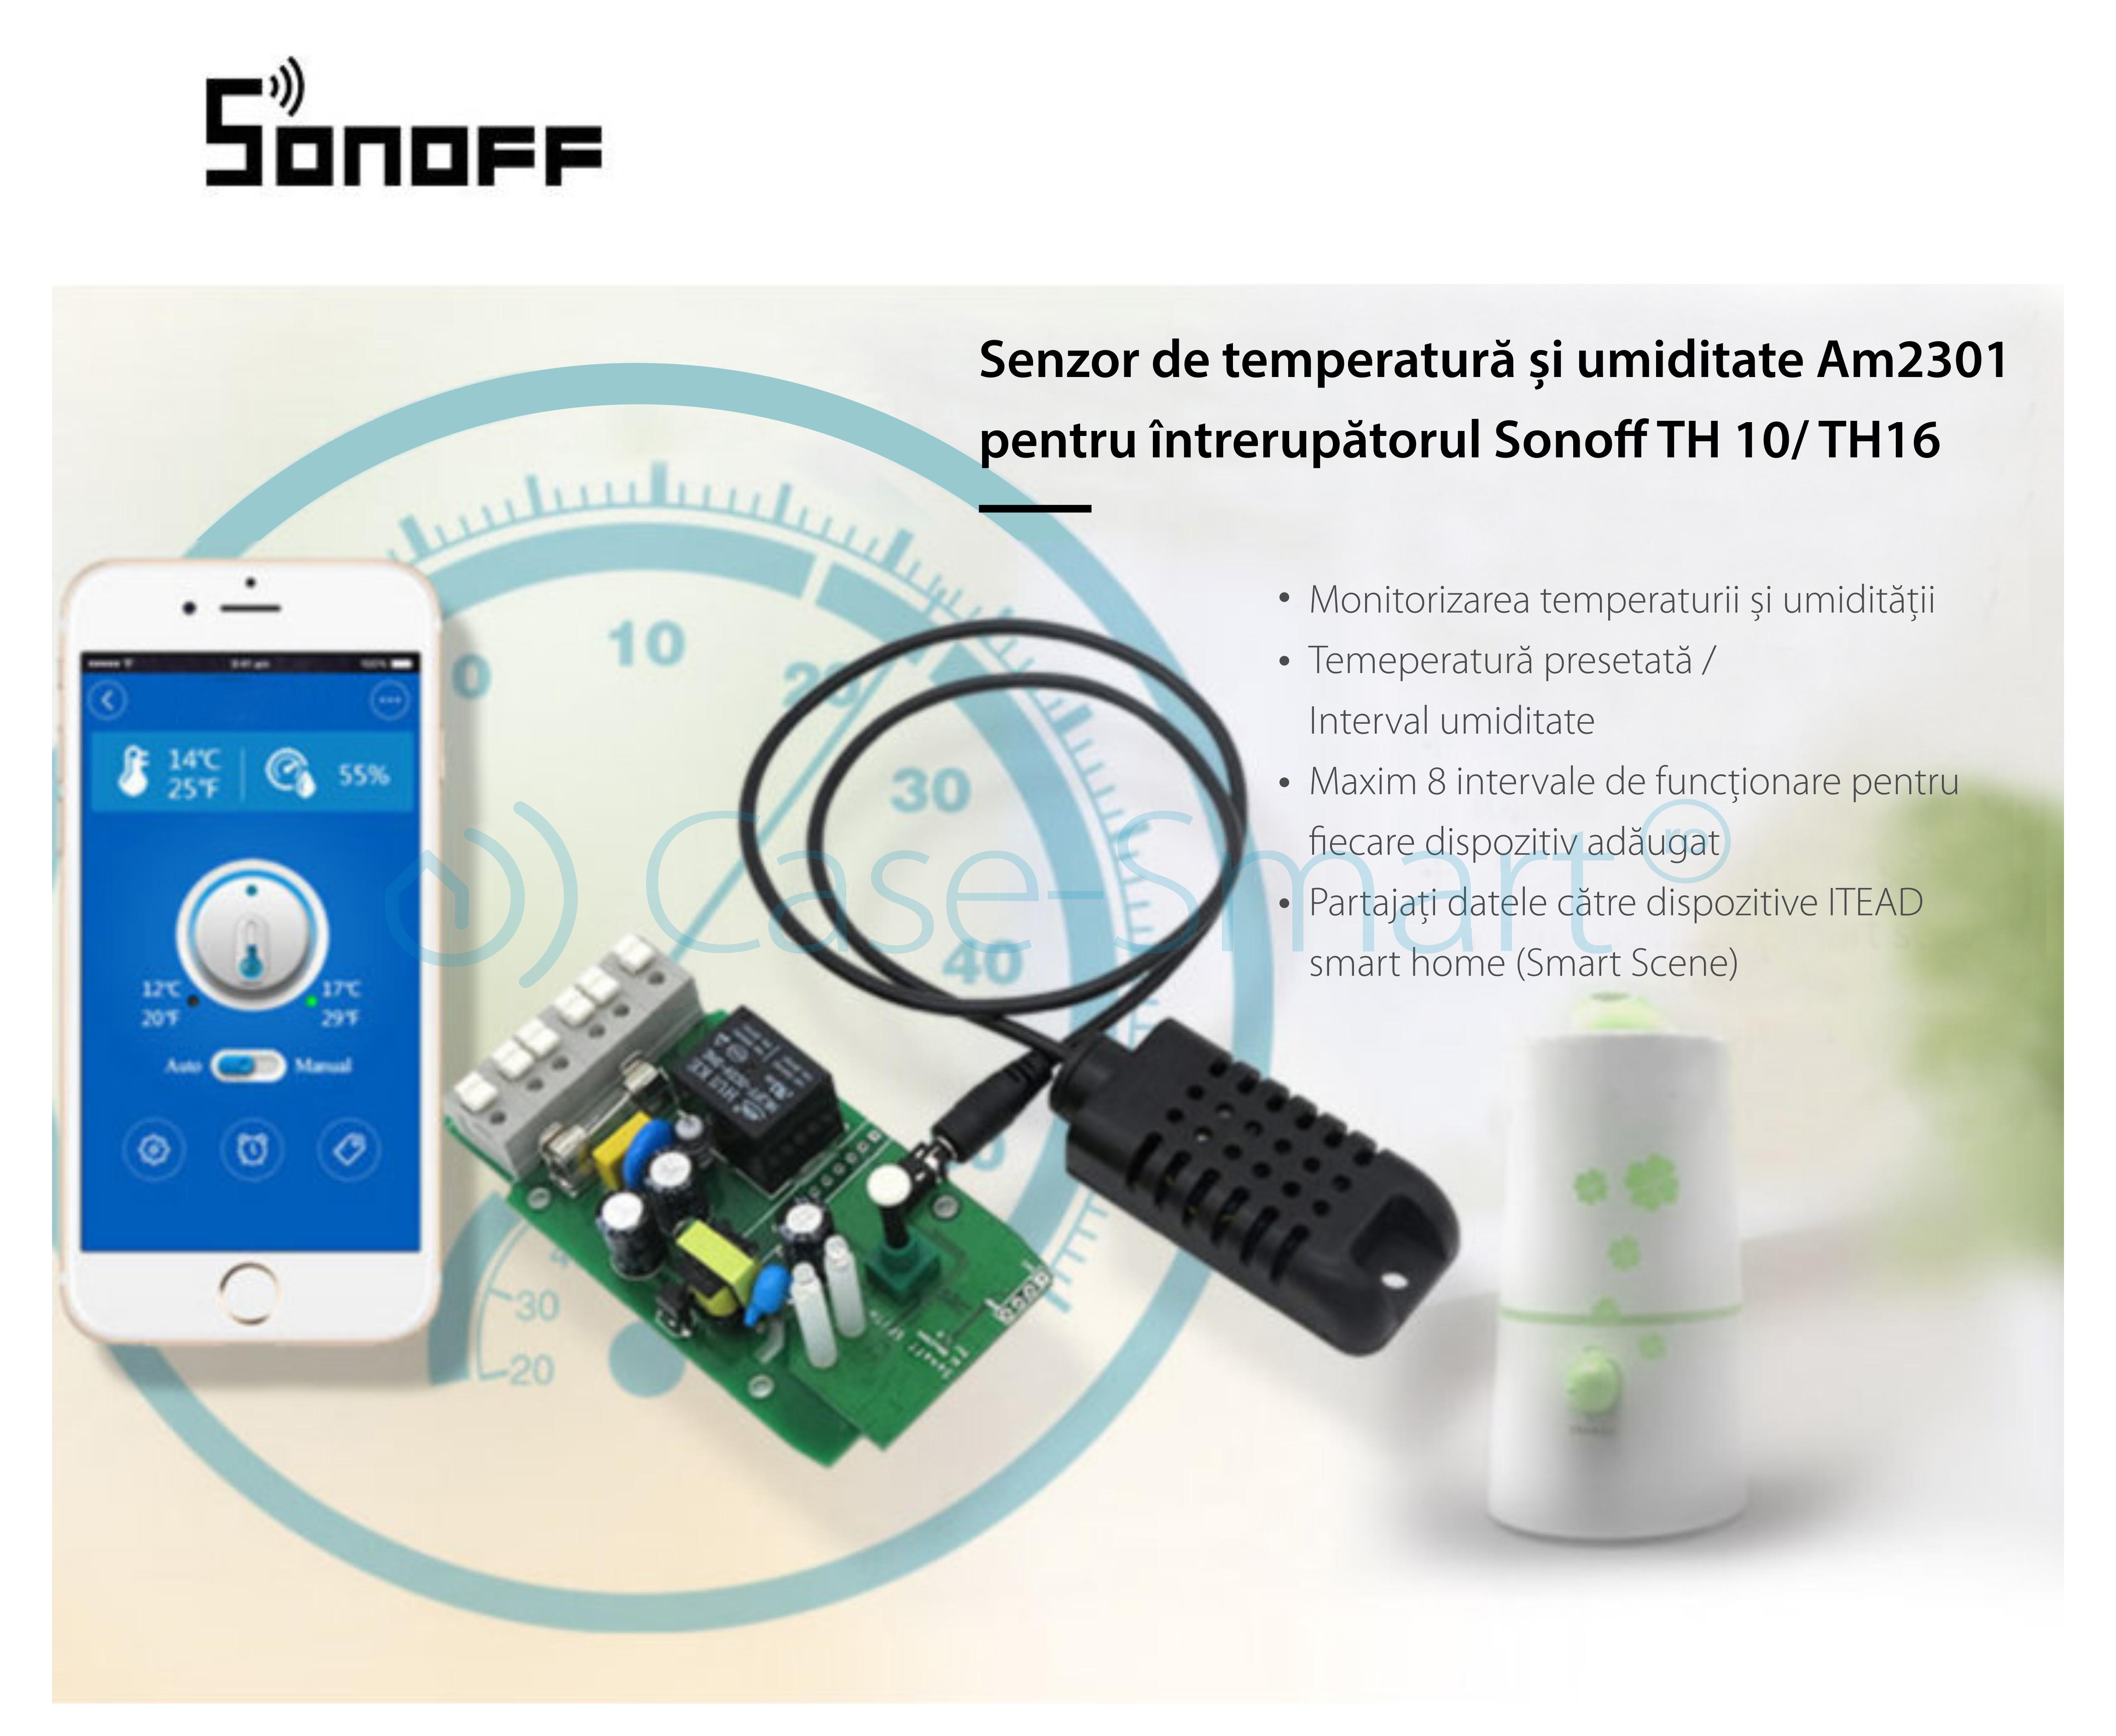 Senzor de temperatura si umiditate Sonoff SI7021